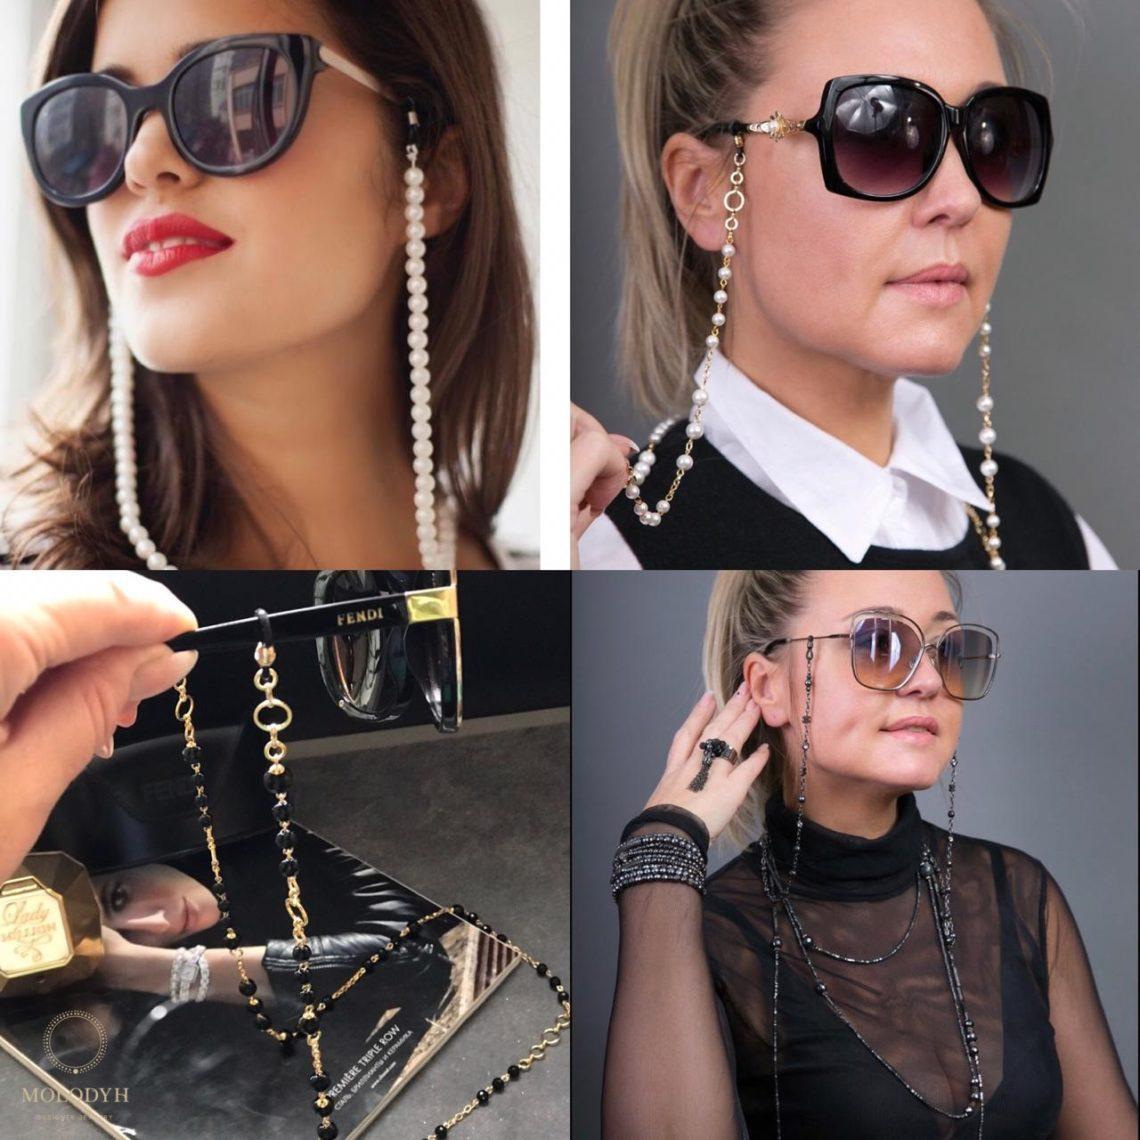 Женский модный аксессуар - цепочка для очков.